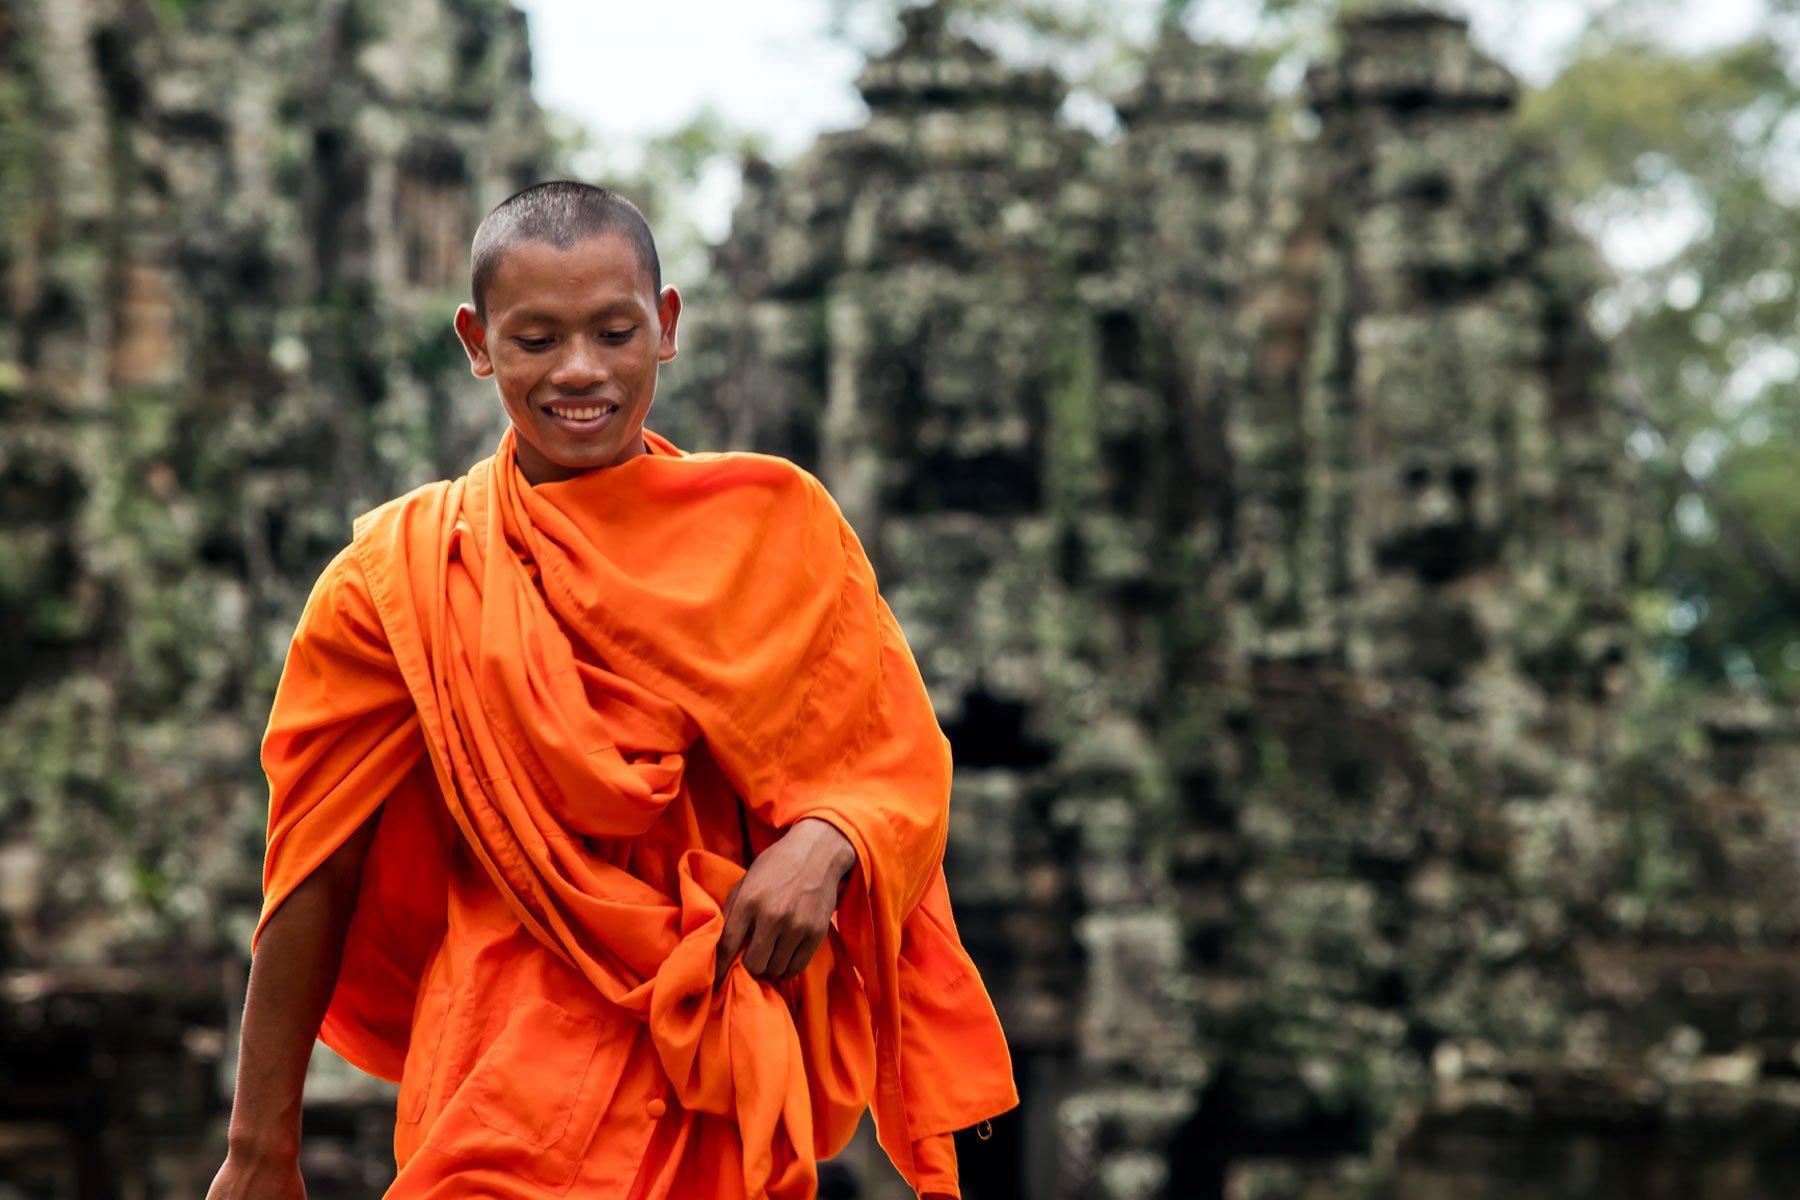 ВТаиланде молодая девушка скончалась вовремя магического обряда снятия порчи